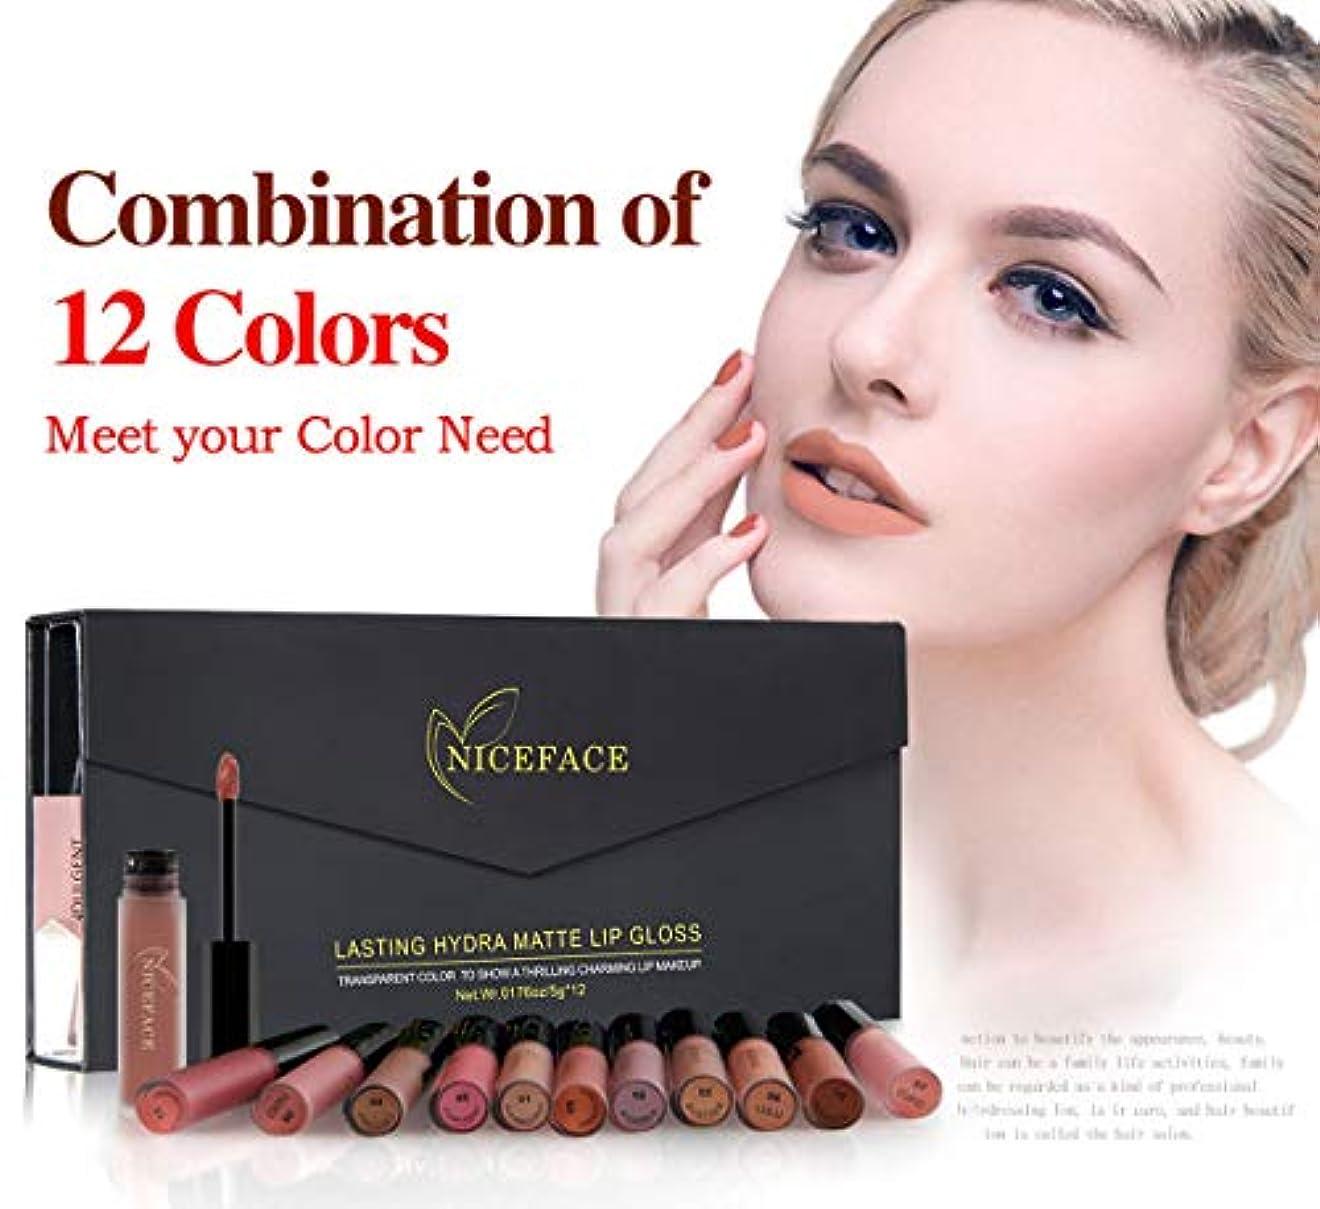 パトワ欠点命令的NICEFACE 12色リップメイクグロスセットノンスティックカップはマットリップスティックキット、魅力的な、滑らかなシルキー効果、すべての季節をフェードしません 12 Color Lip Makeup Set Matte...